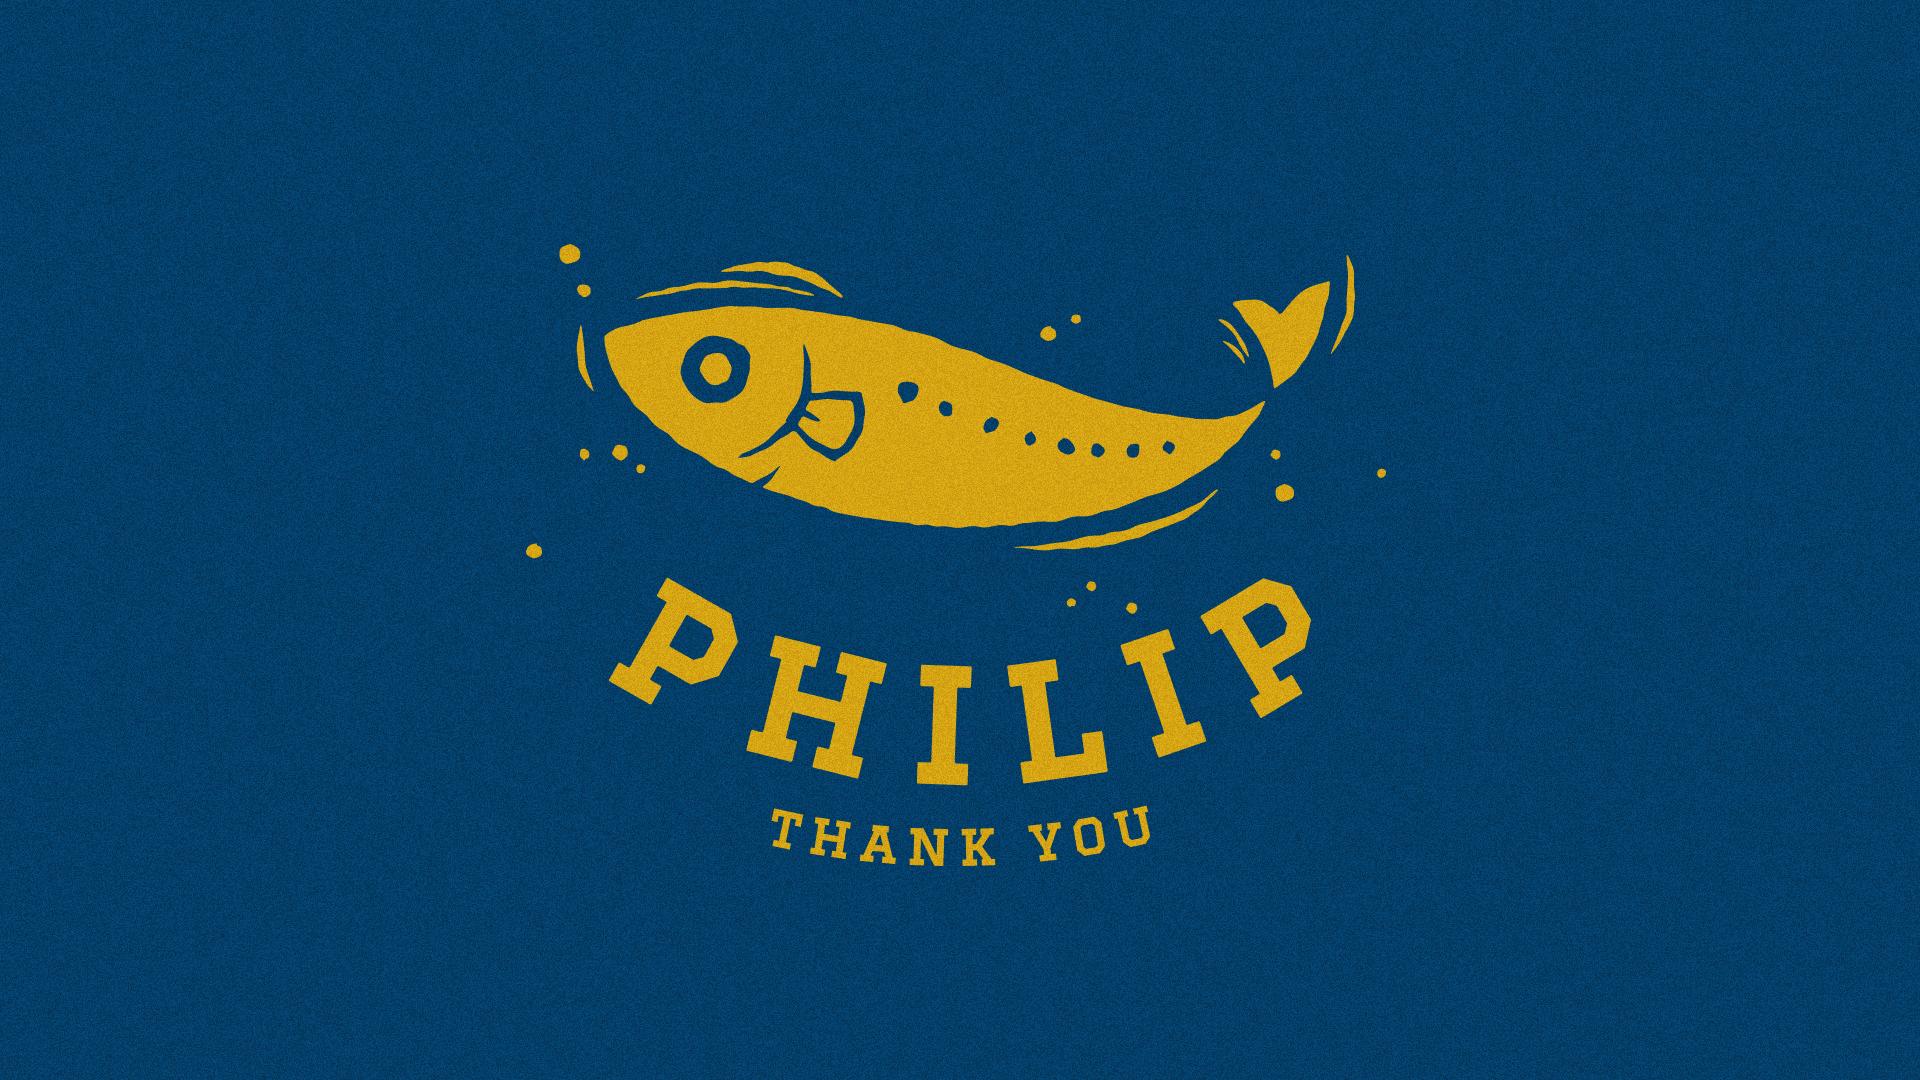 友ヶ島で出会ったしらすの相棒「フィリップ」のロゴデザイン